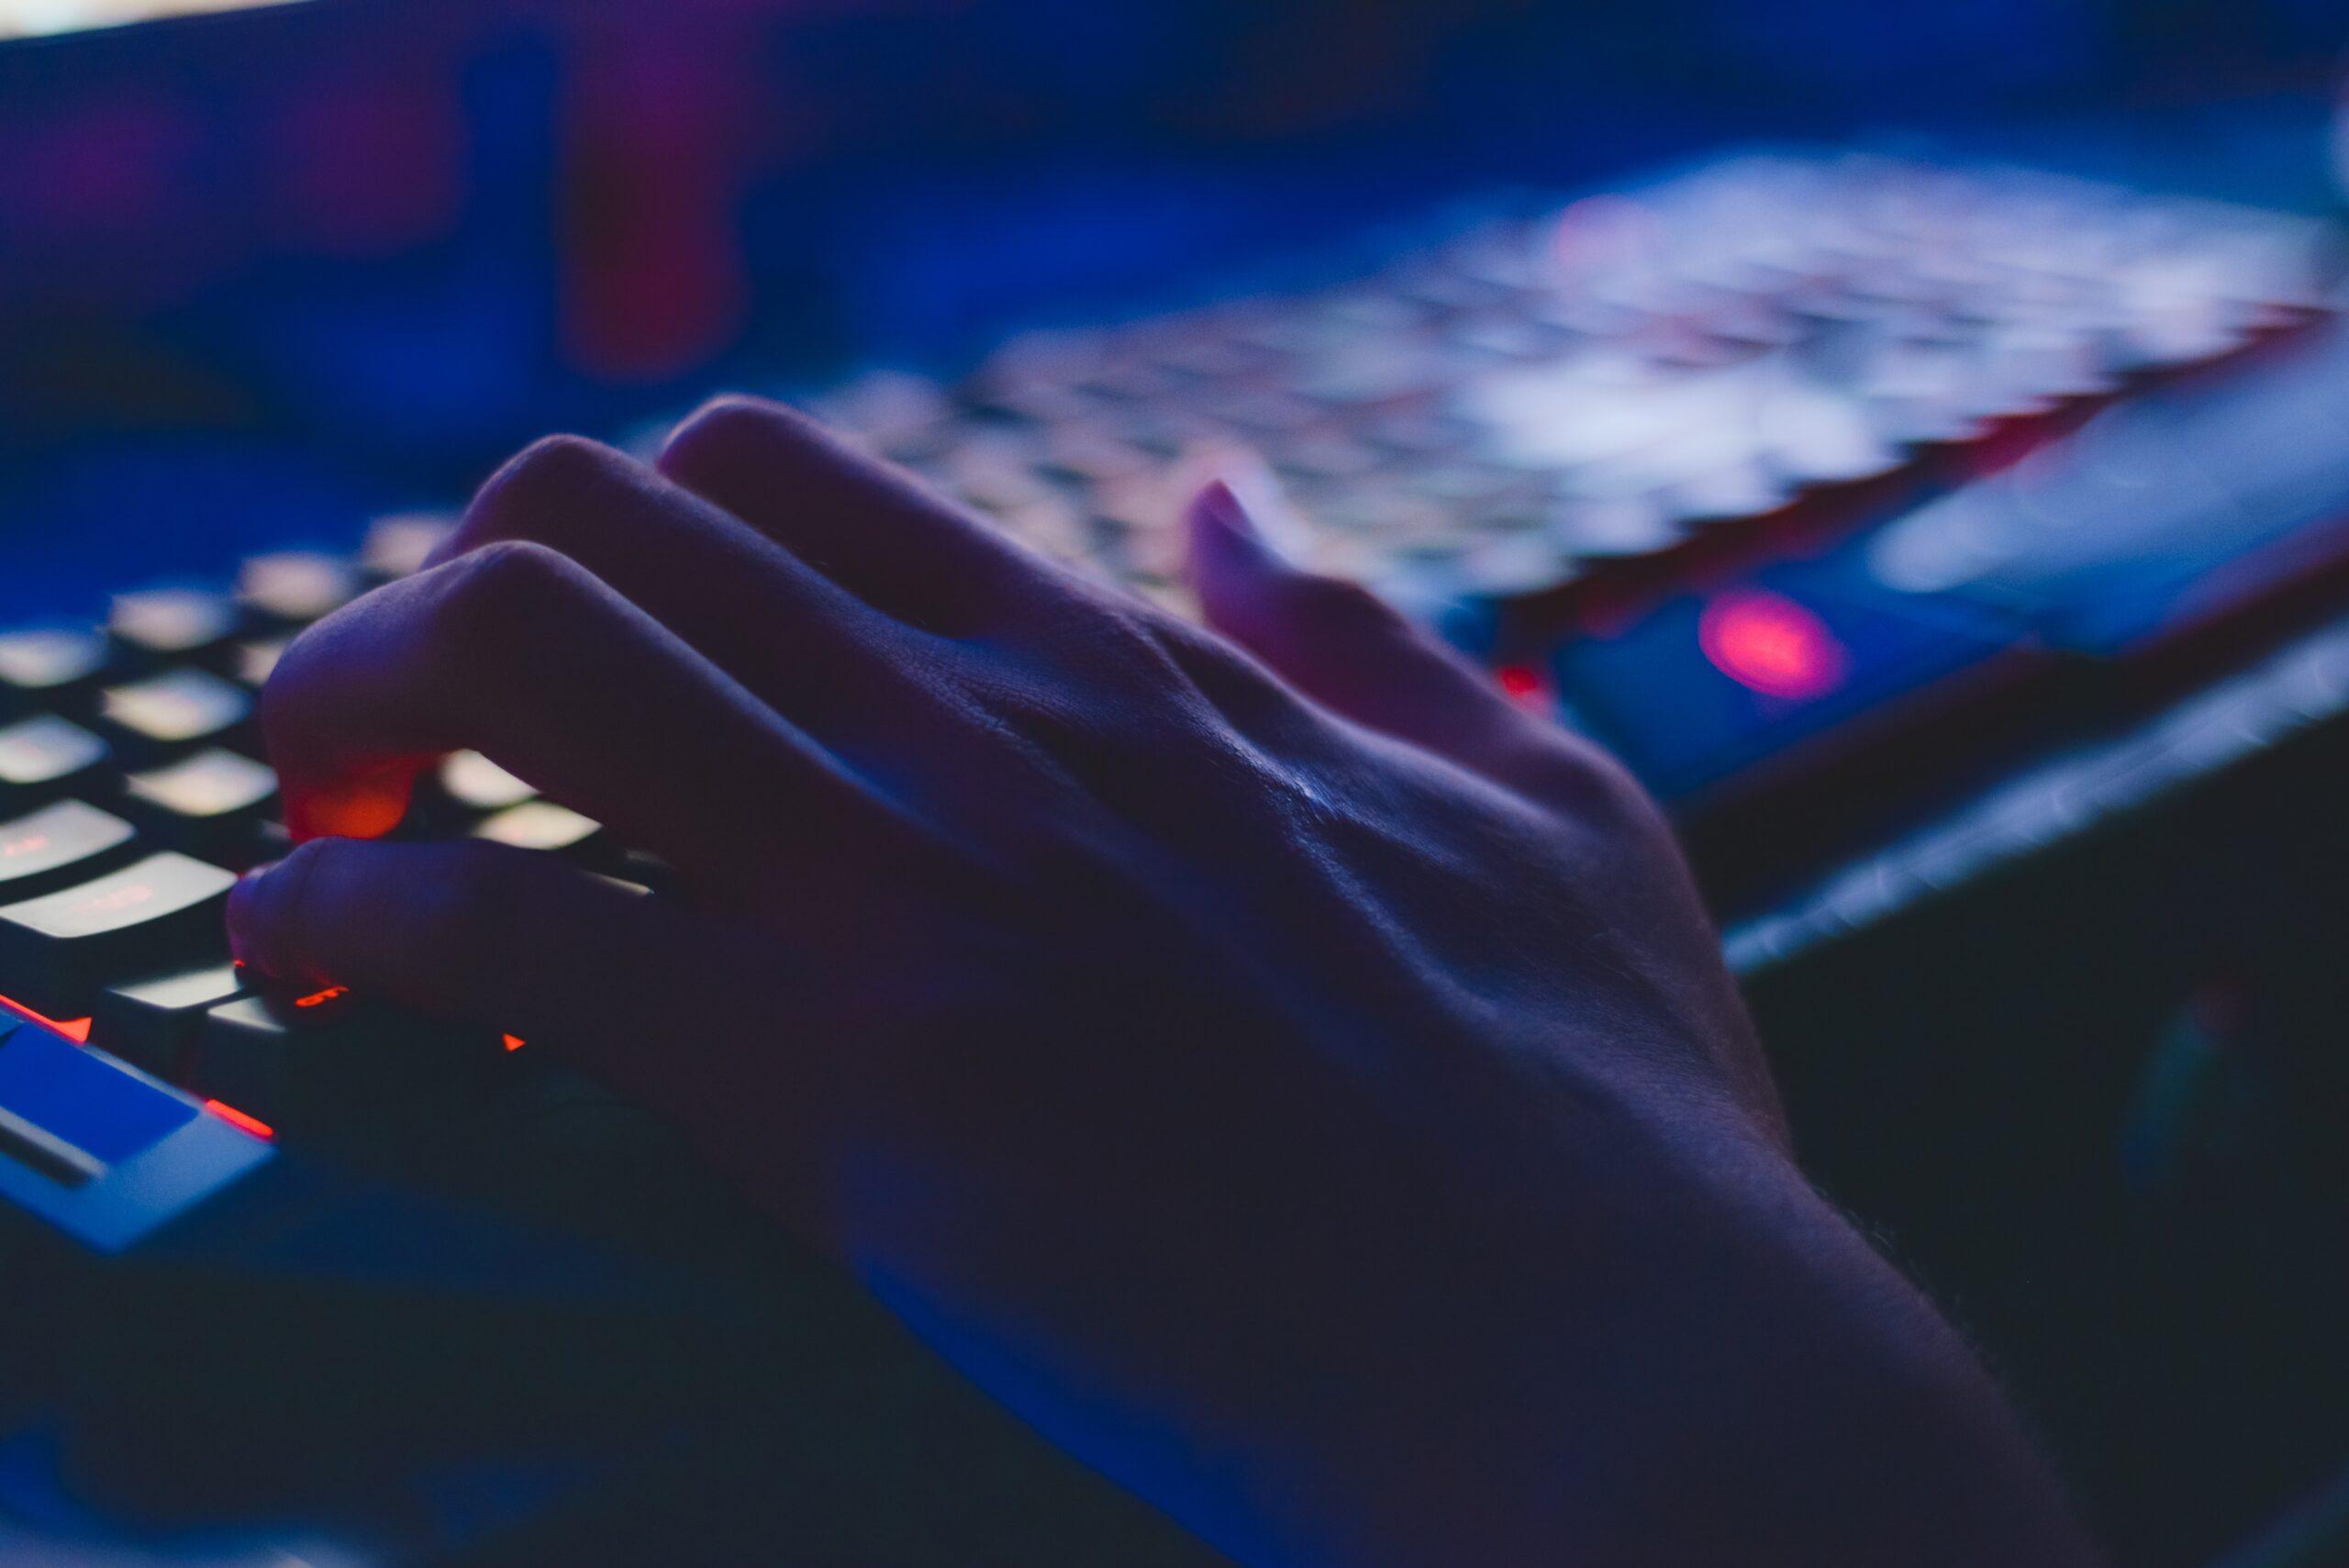 cyberbezpieczeństwo, haker, klawiatura